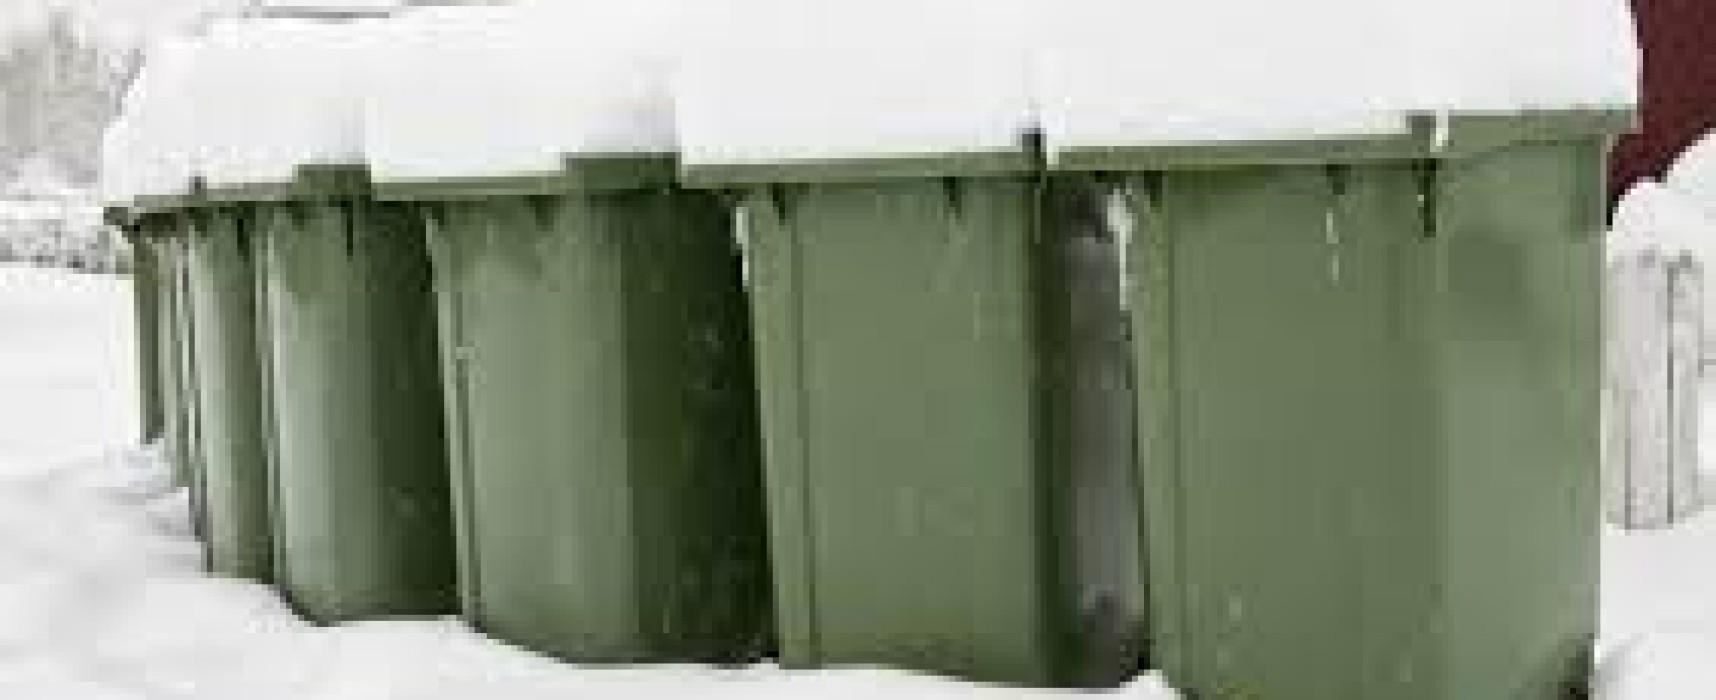 Perturbations des tournées de ramassage des ordures ménagères